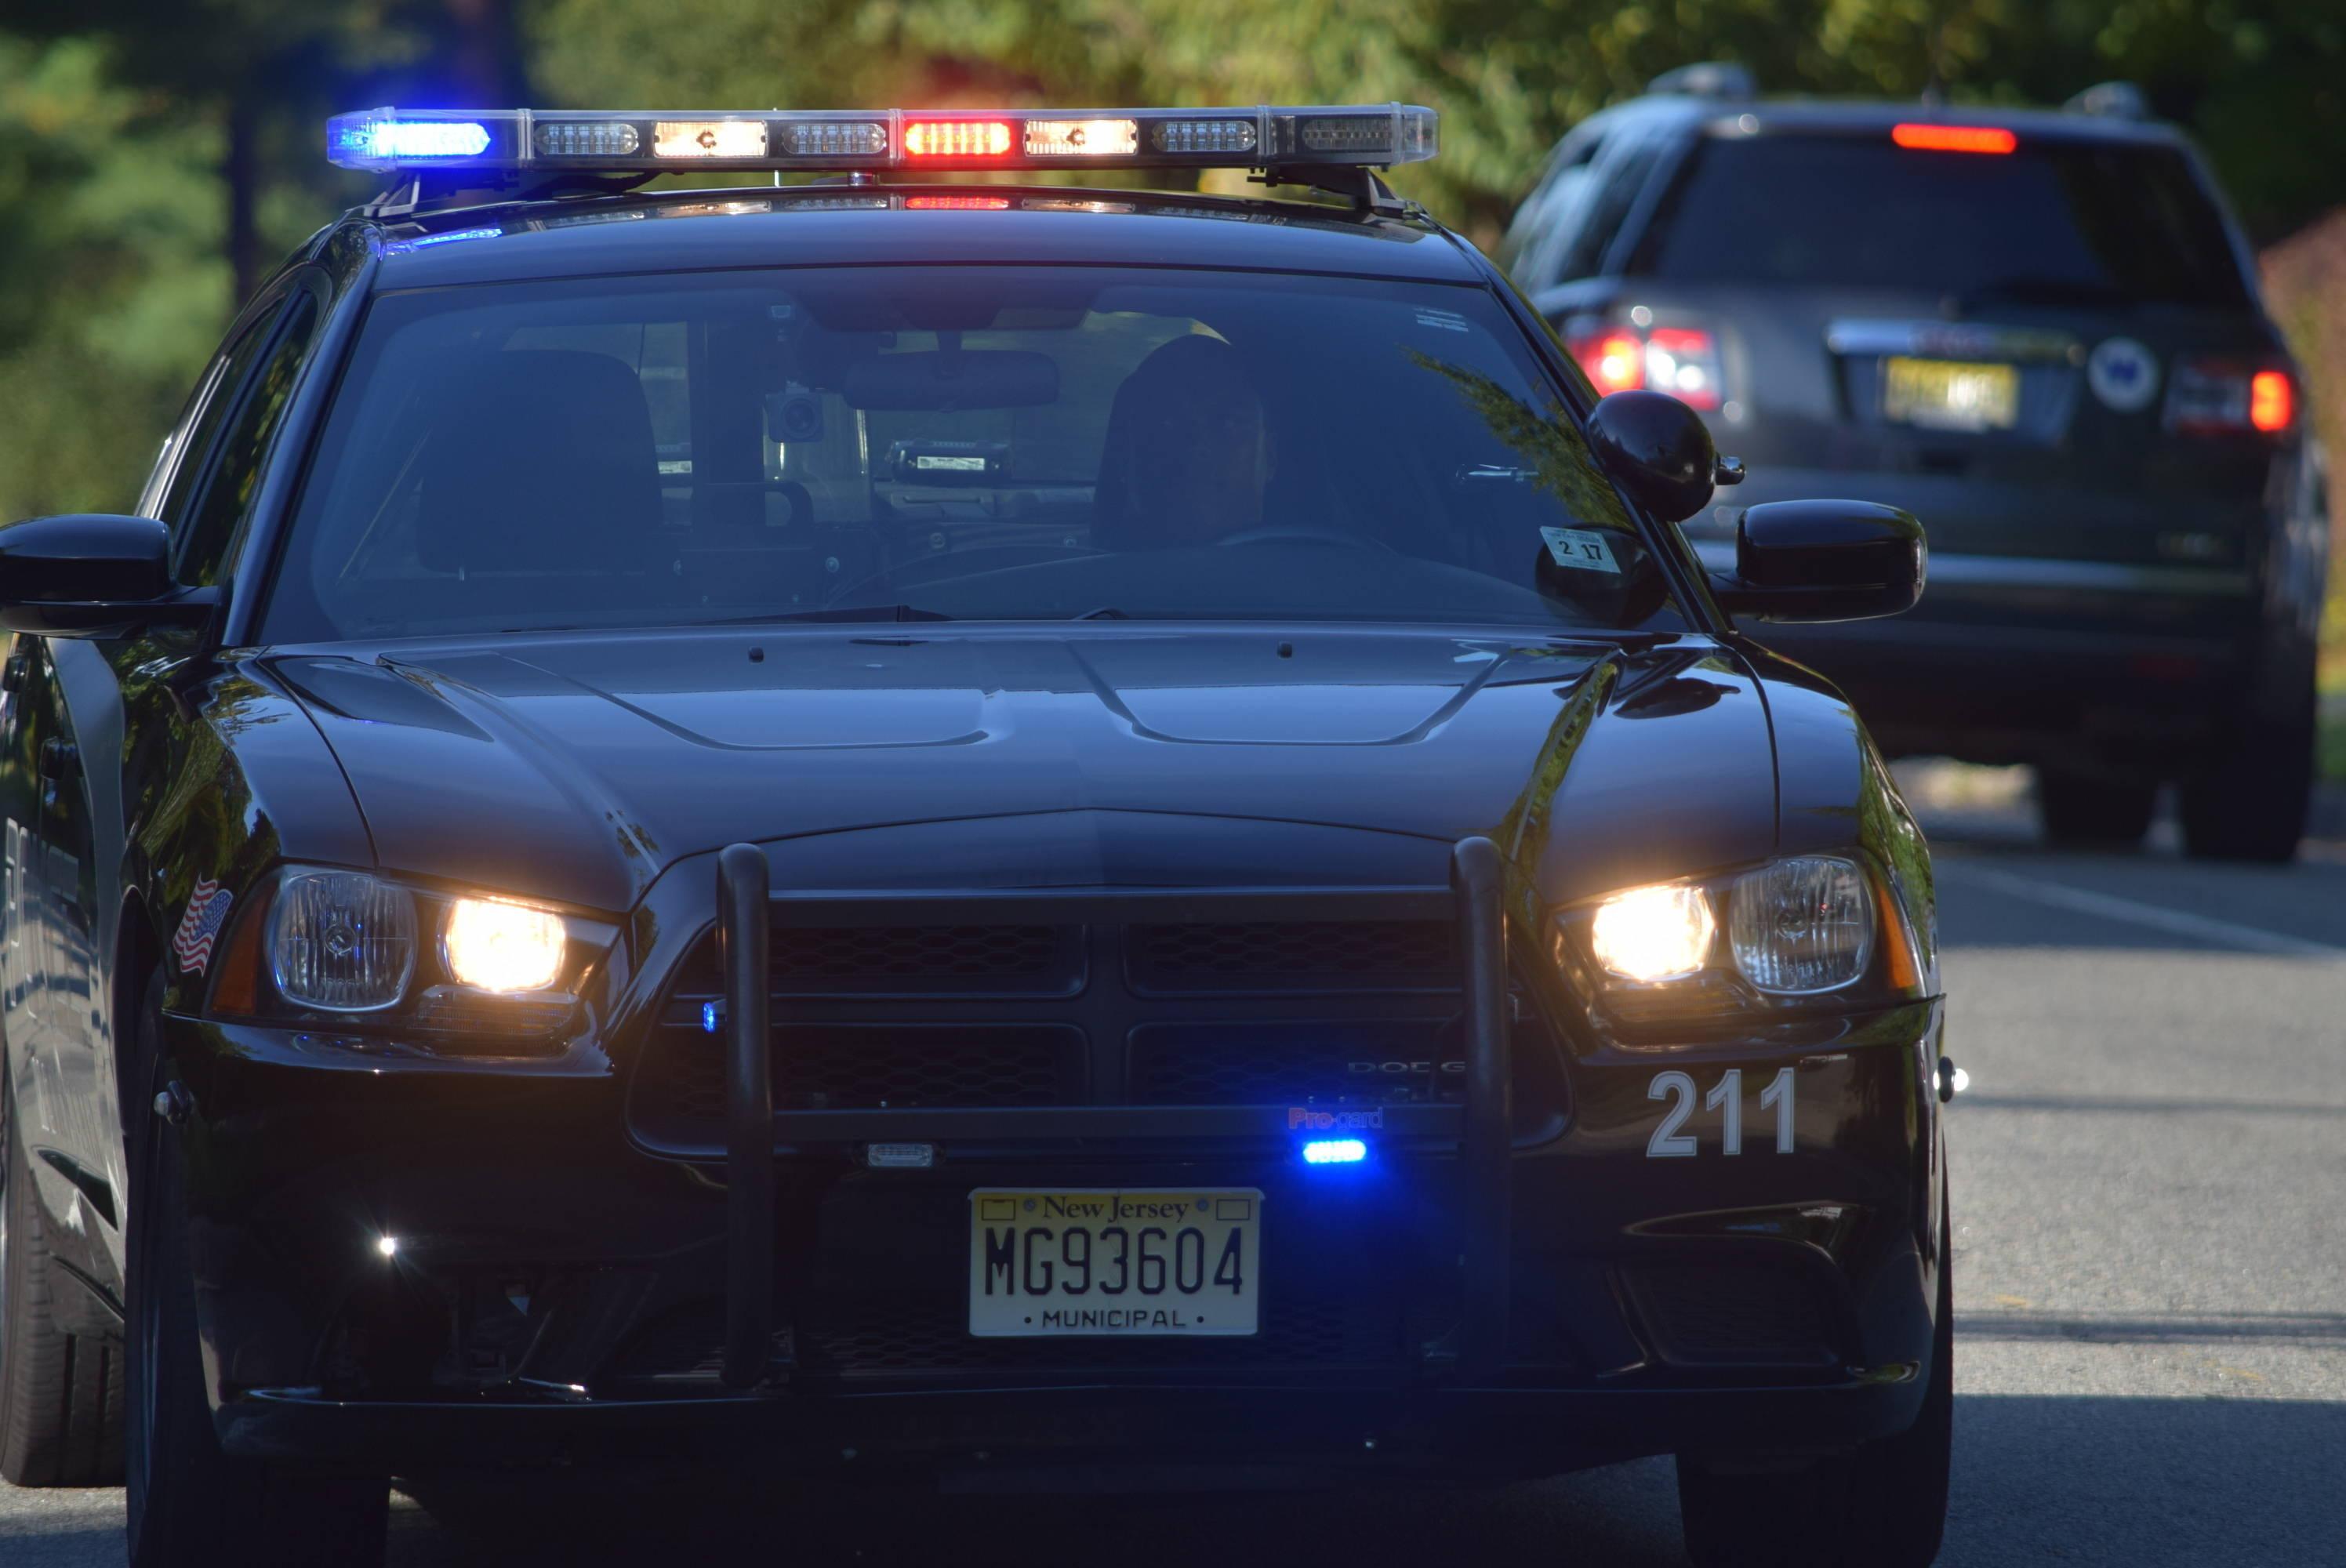 b479f14272b5fbe425fa_police_car.JPG